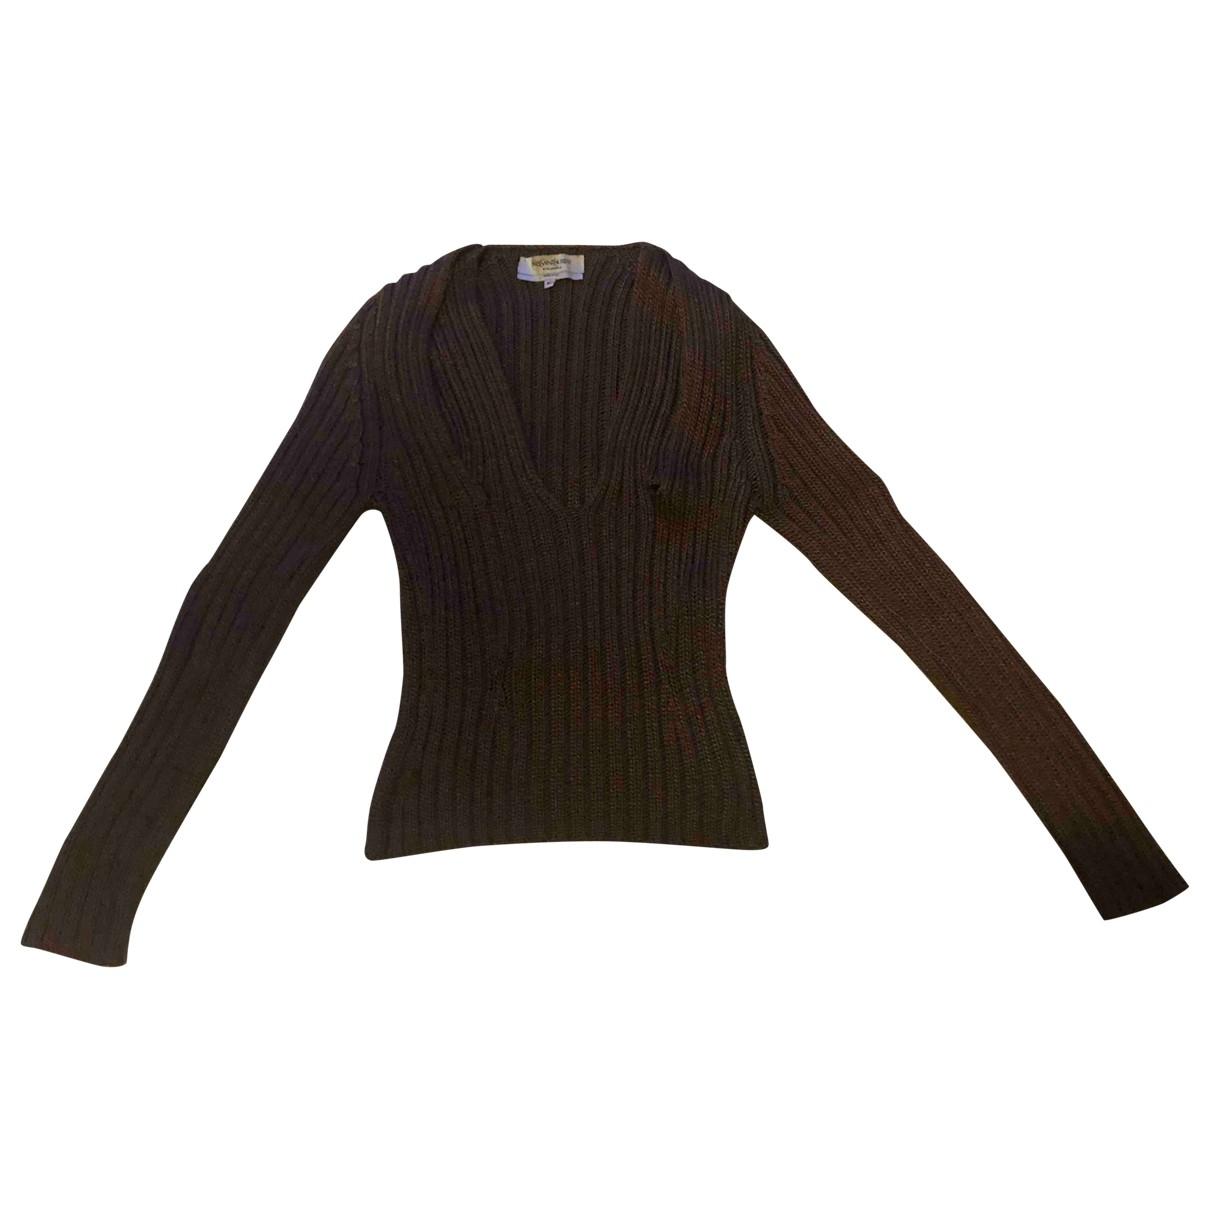 Yves Saint Laurent - Pull   pour femme en soie